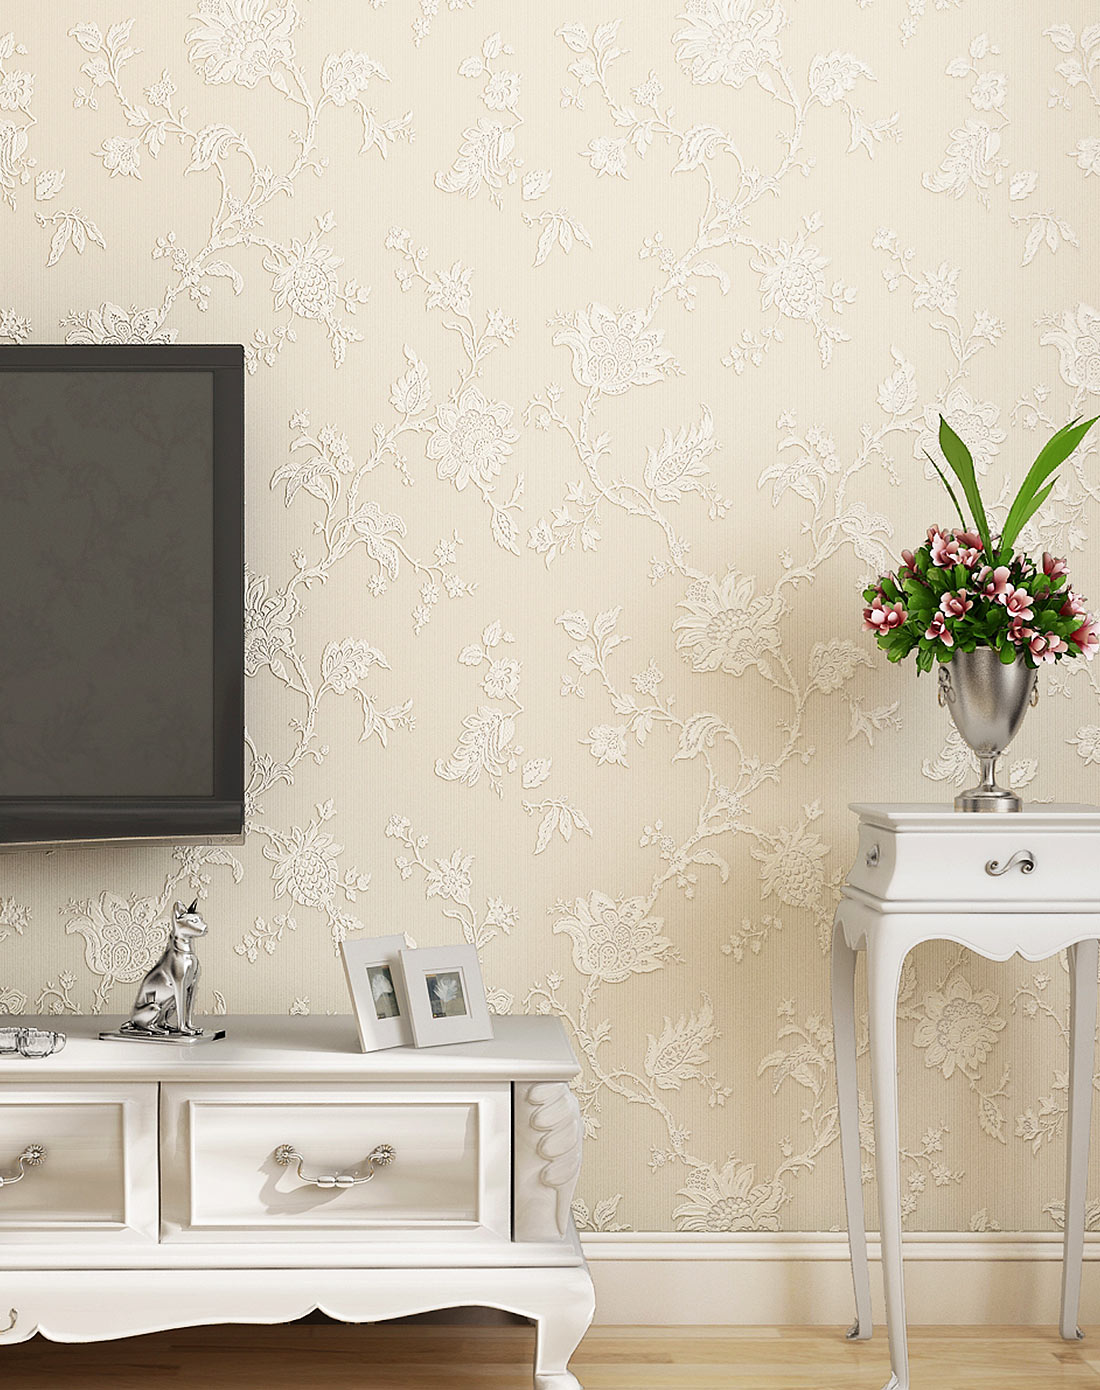 米素墙纸专场米白色欧式简约小花立体无纺布墙纸ms